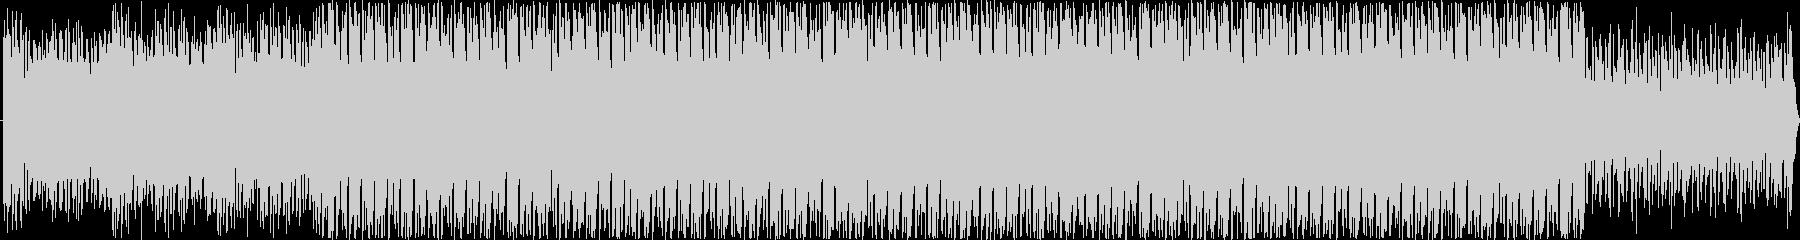 ワクワクする明るくリズミカルなBGMの未再生の波形